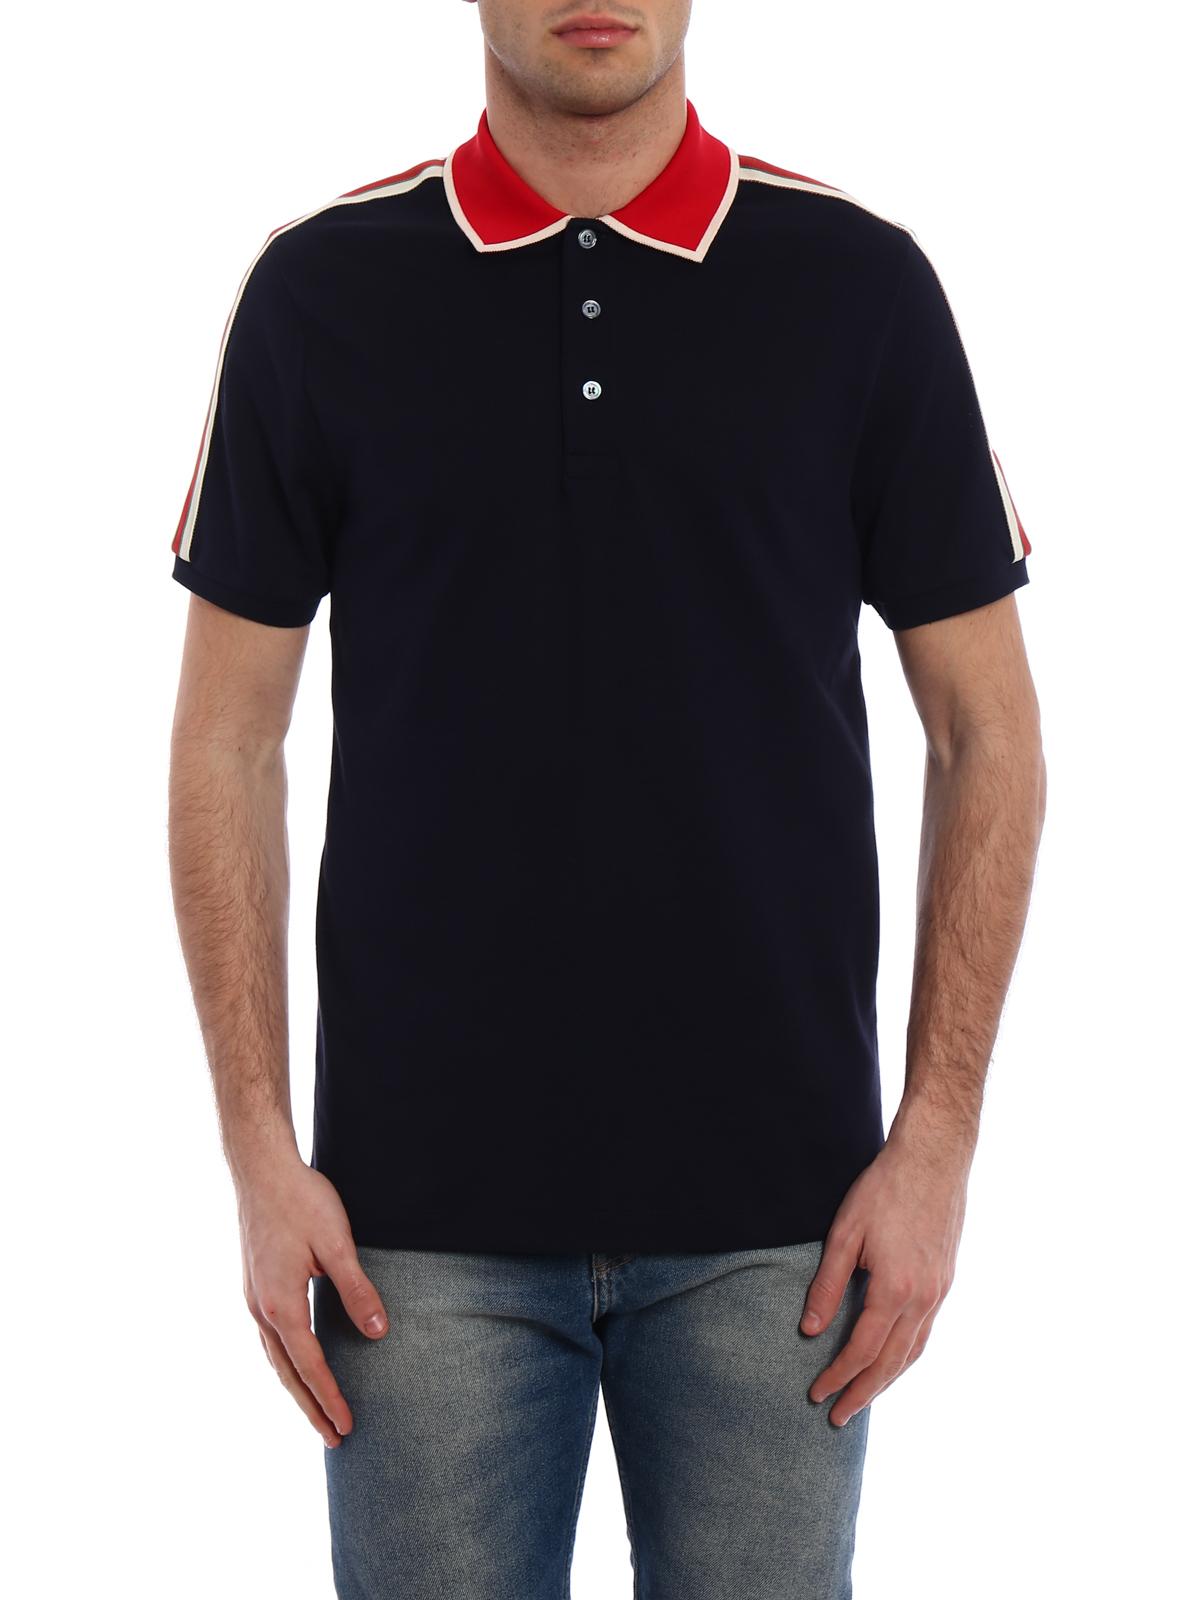 a9bcbf417504 ... Gucci Web detail cotton polo shirt polo shirts 500972X9M384705